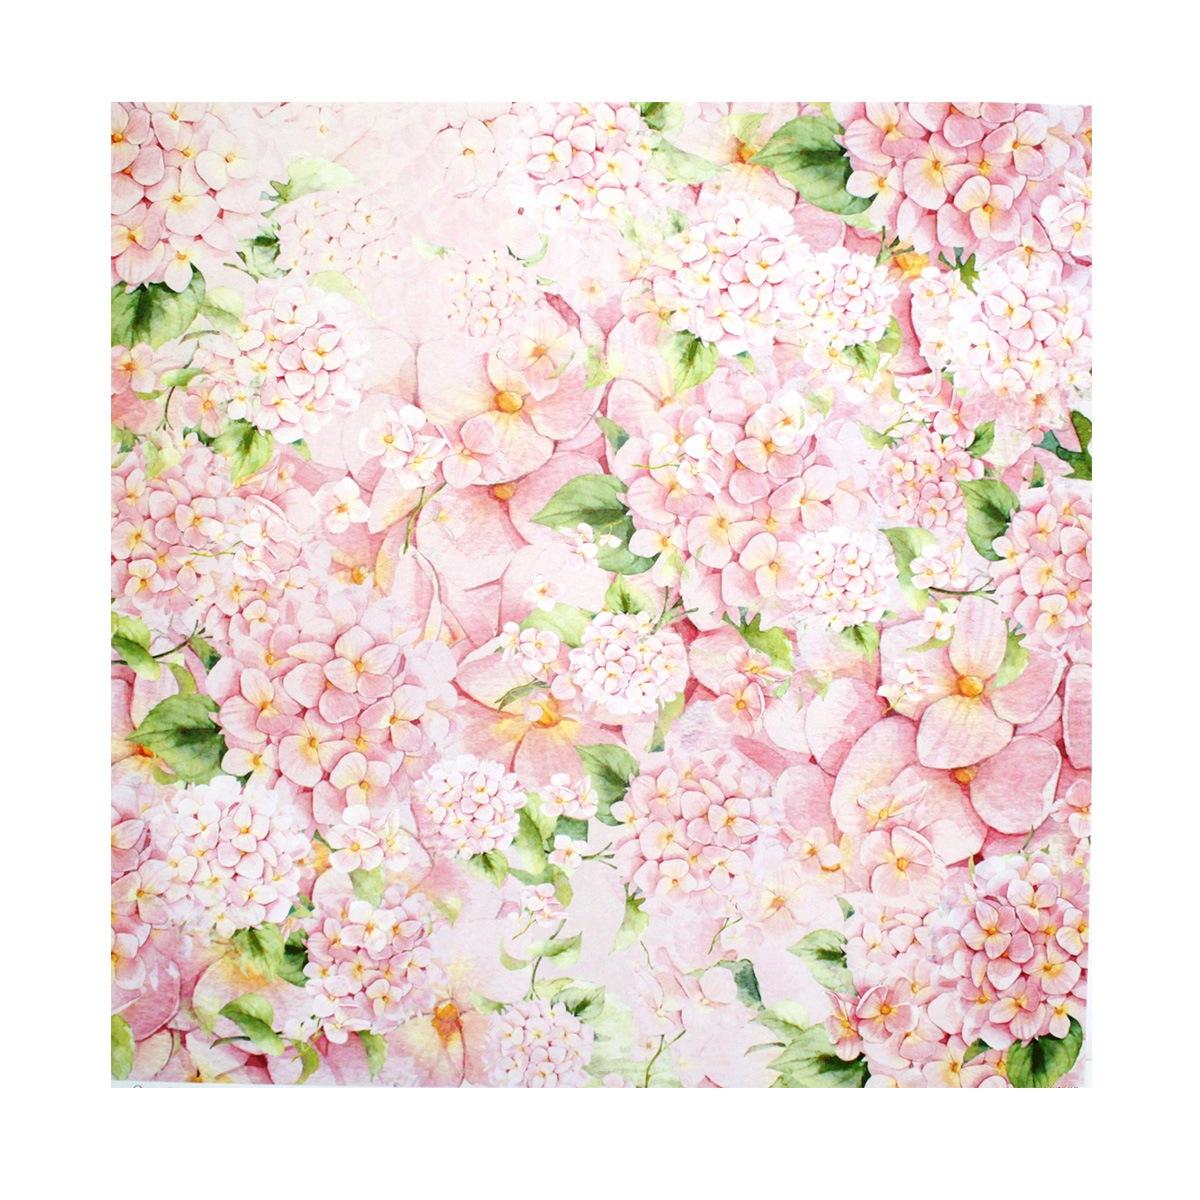 Бумага для скрапбукинга ScrapBerrys Цветущий сад. Весенний букет, 30,5 х 30,5 см, 10 листов. 497506497506